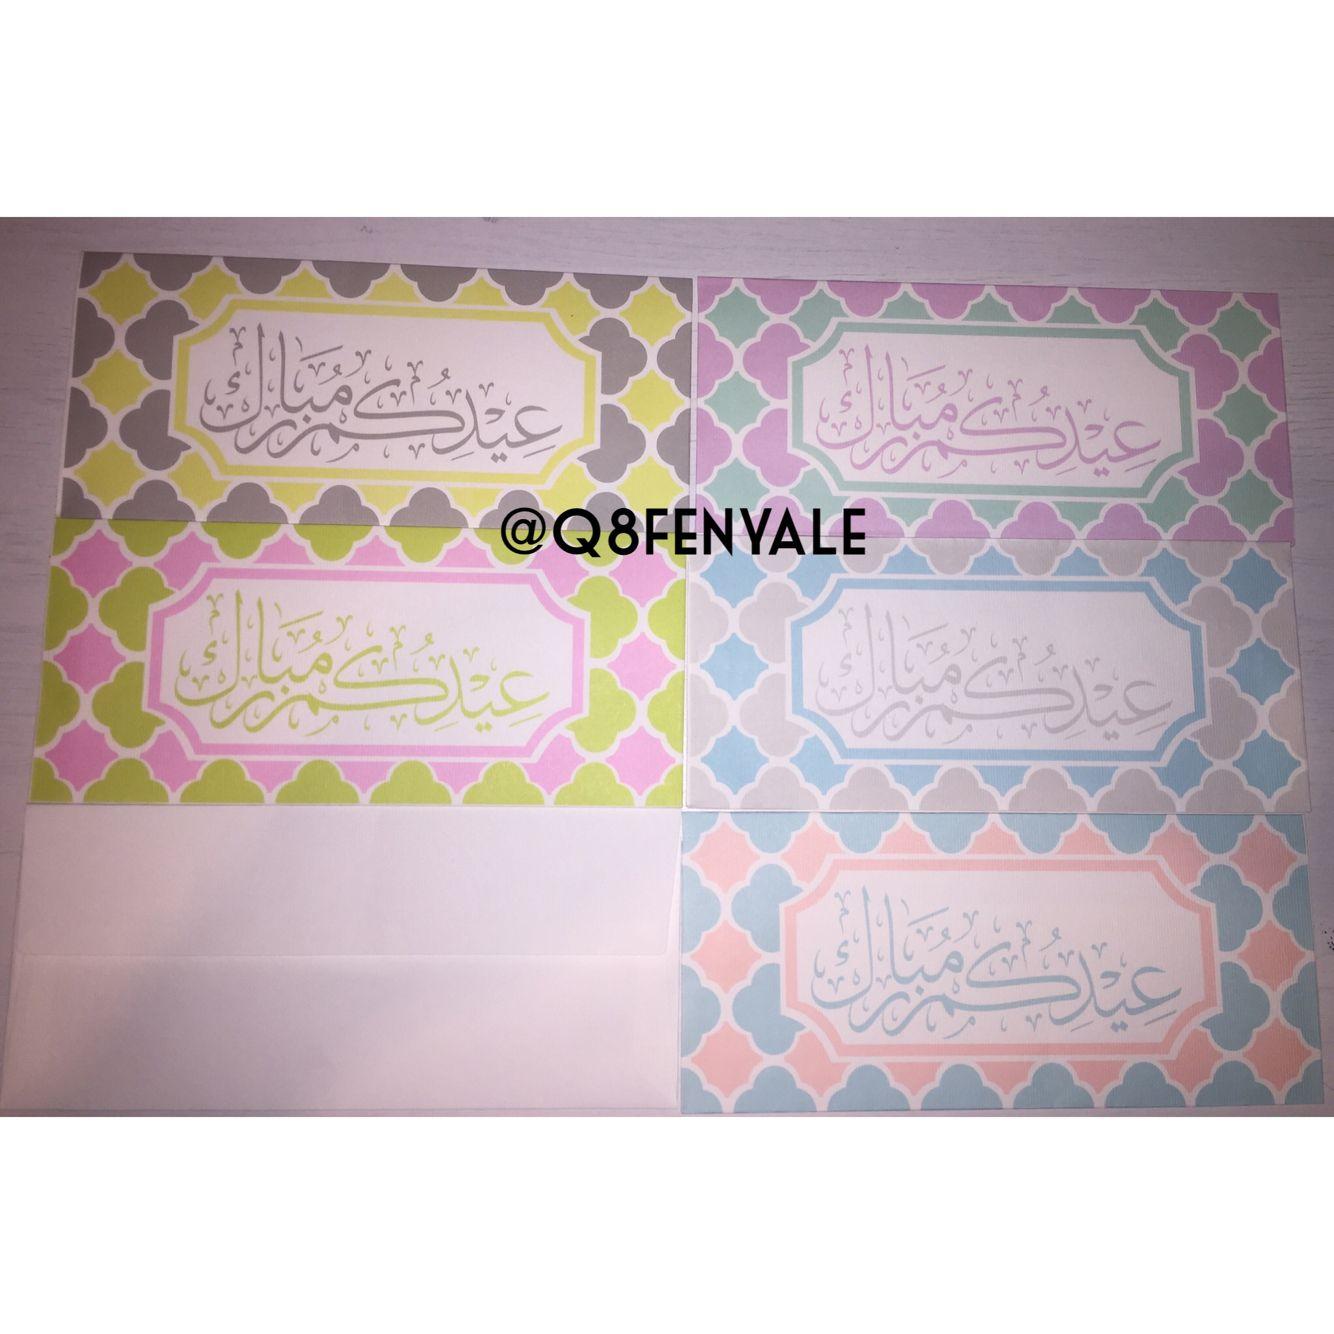 متجر فنيالي هو مشروع كويتي للطباعة الحرارية على الأواني المنزلية والكتابة على المباخر الخشب اظرف عيادي ظرف عيدية عيد و Home Decor Gifts Decor